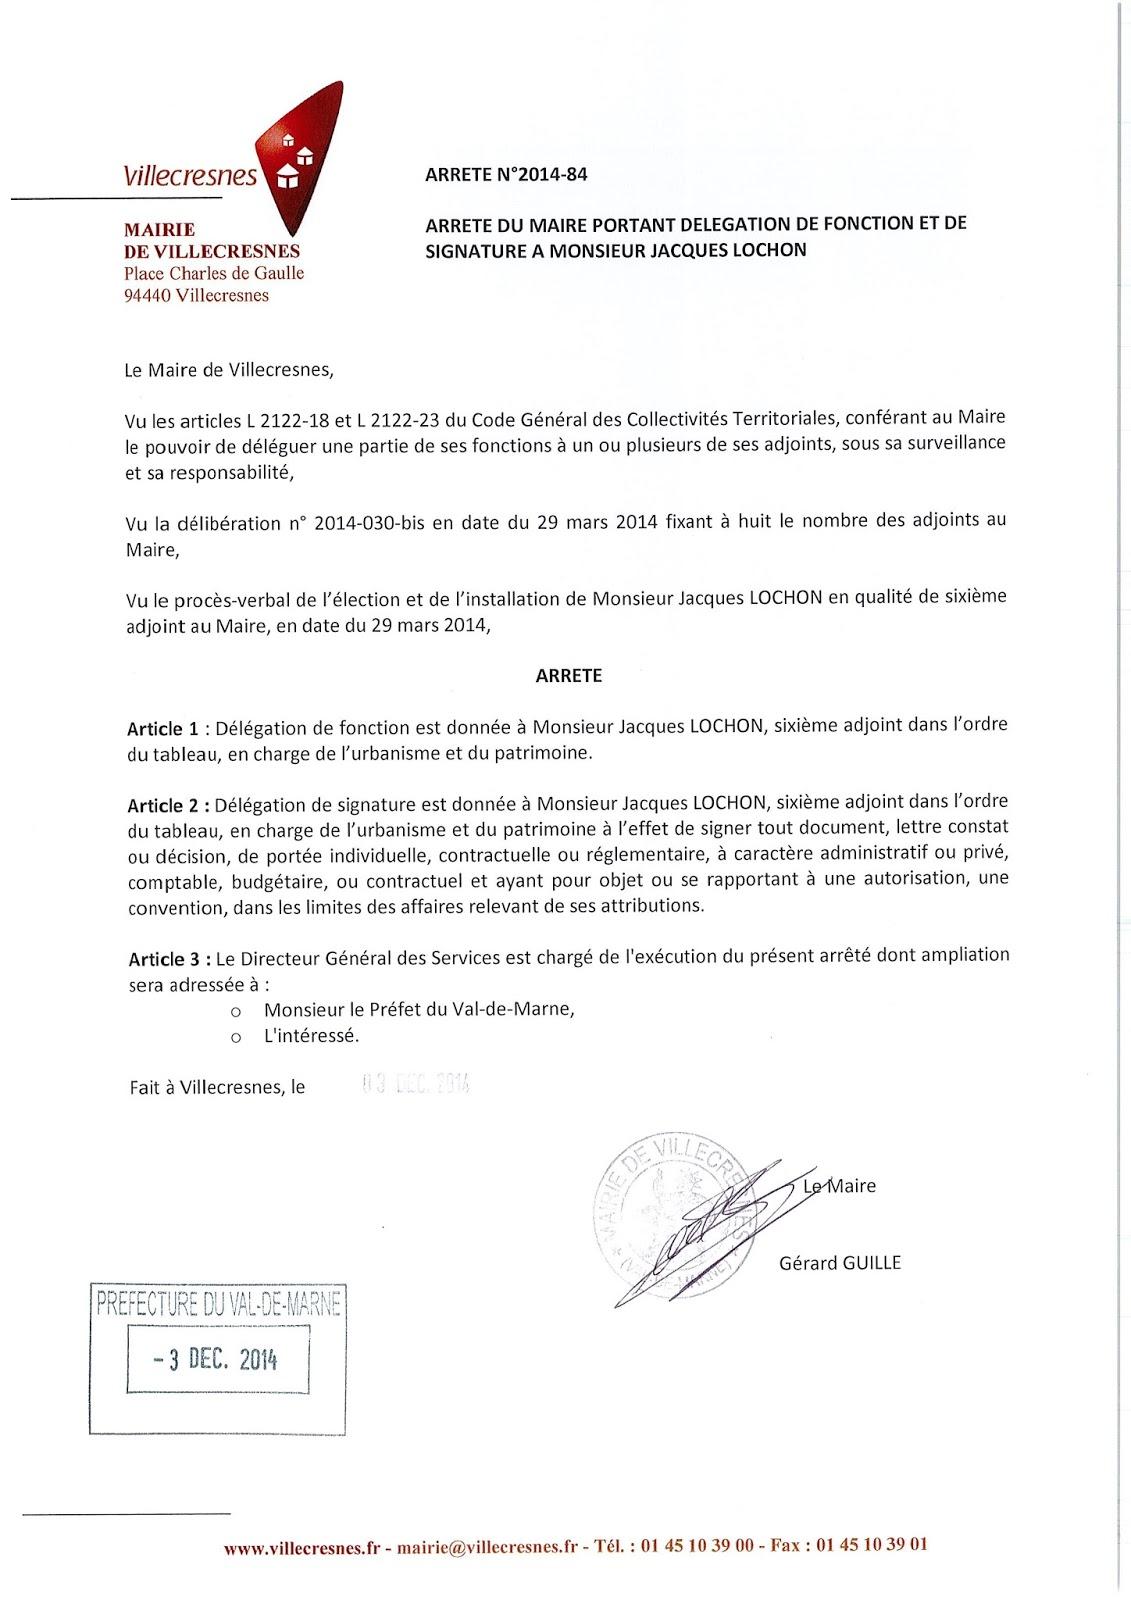 2014-084 Délégation de fonction et de signature à Monsieur Jacques Lochon